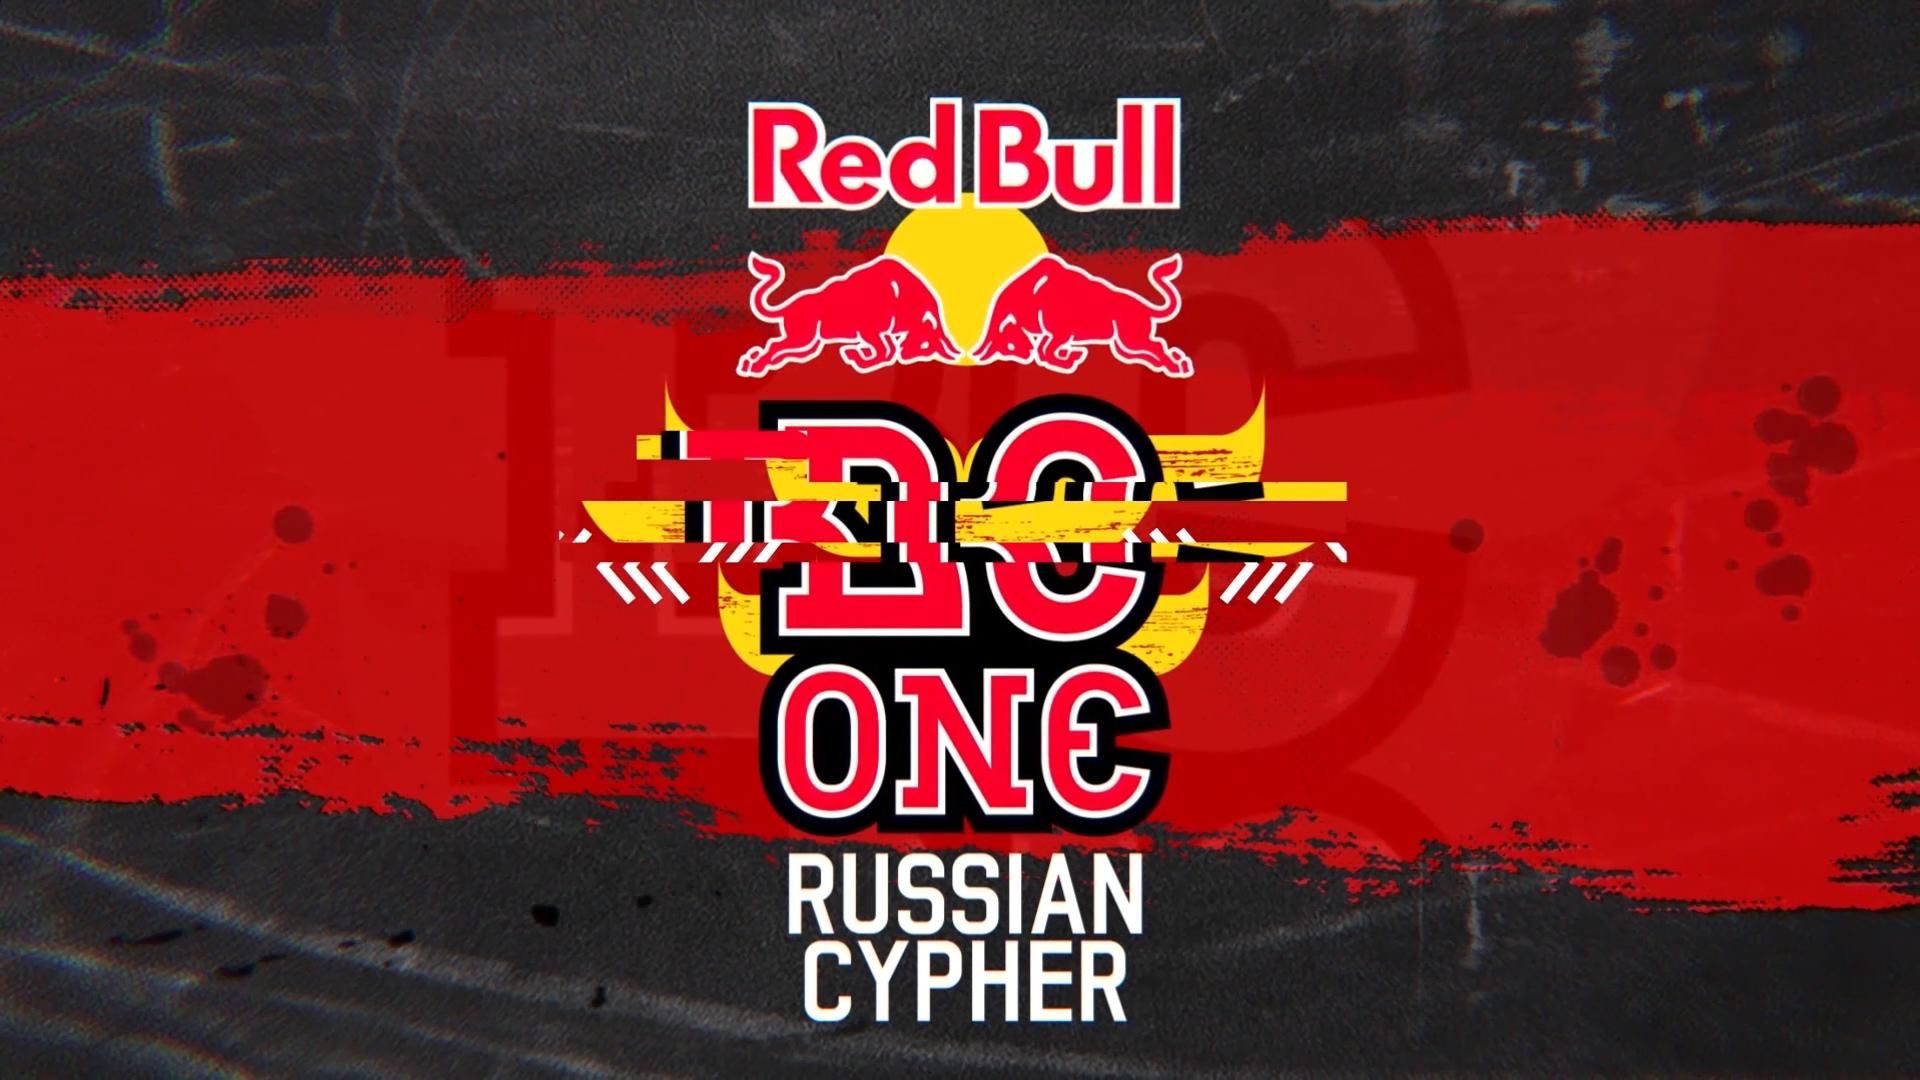 Red Bull BC One - видео инфографика, анимационные ролики, 3D визуализация, создание видео инфографики